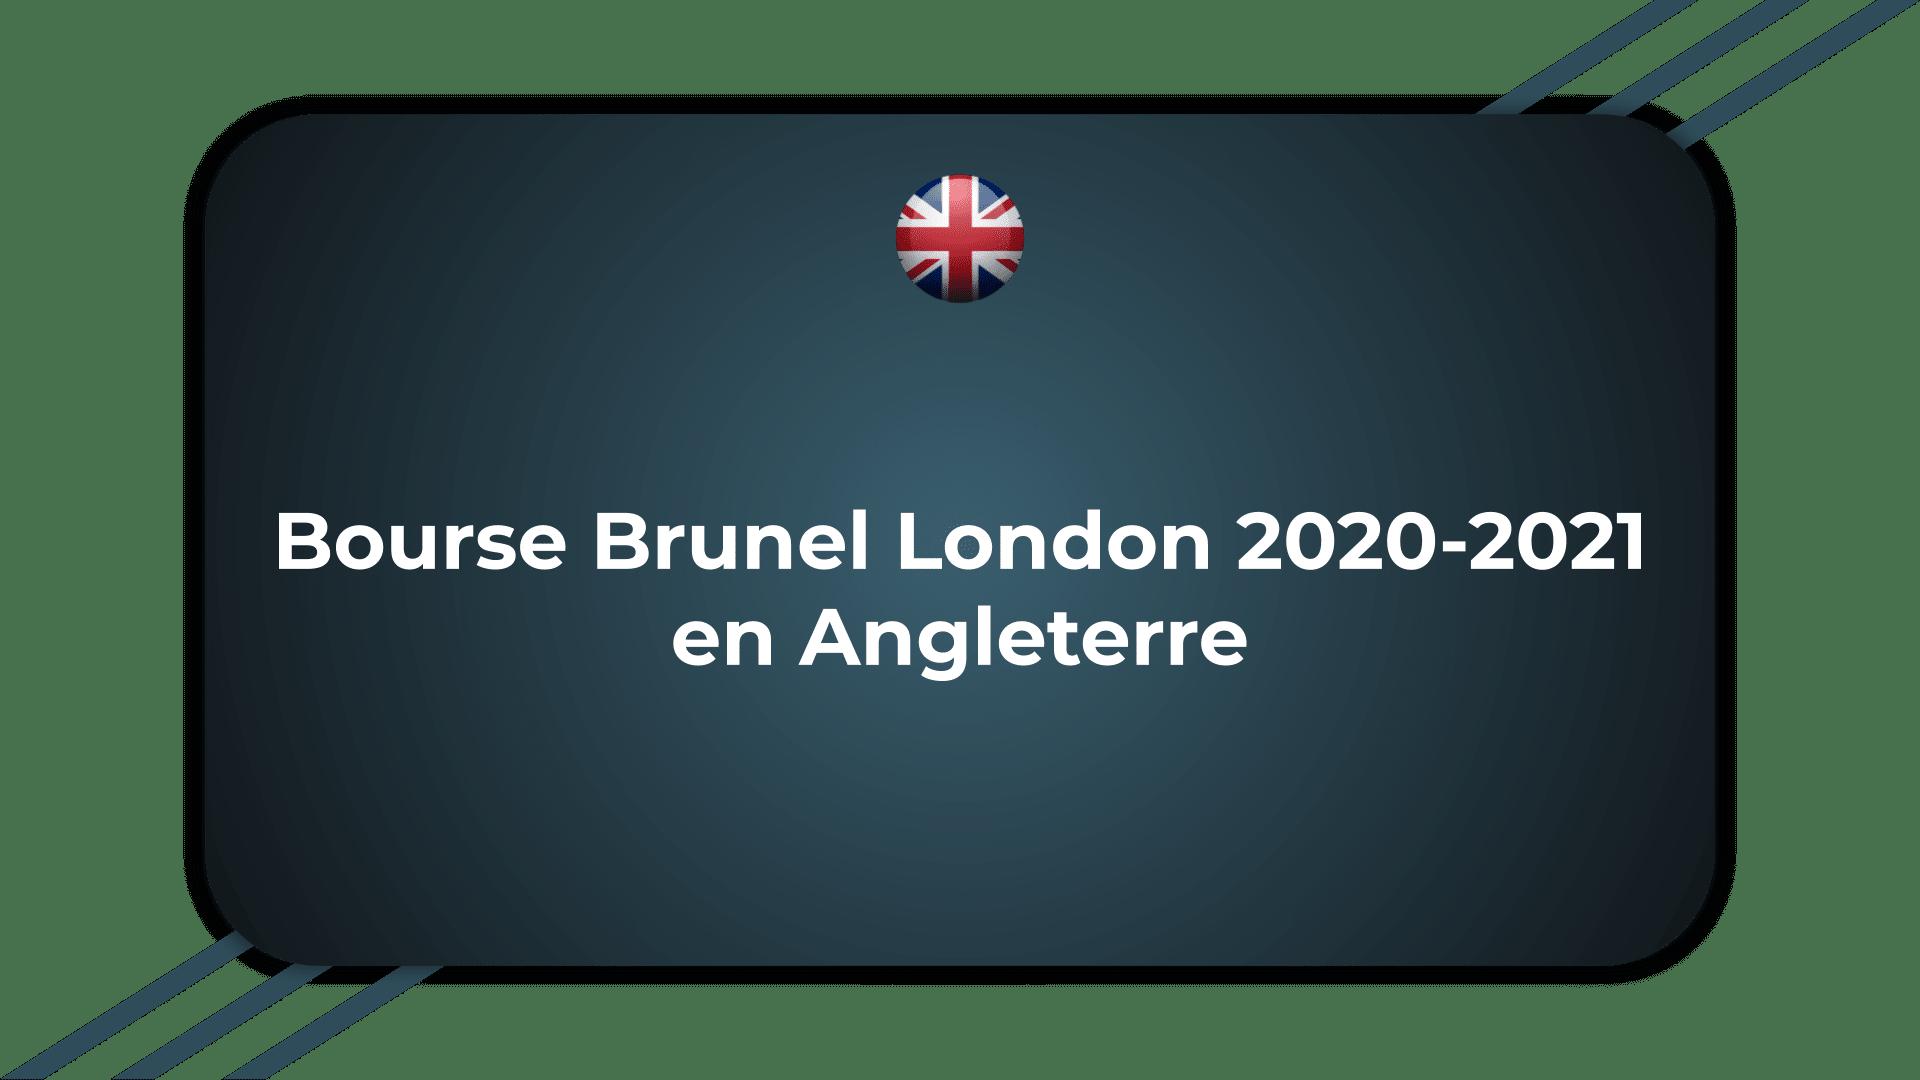 Bourse Brunel London